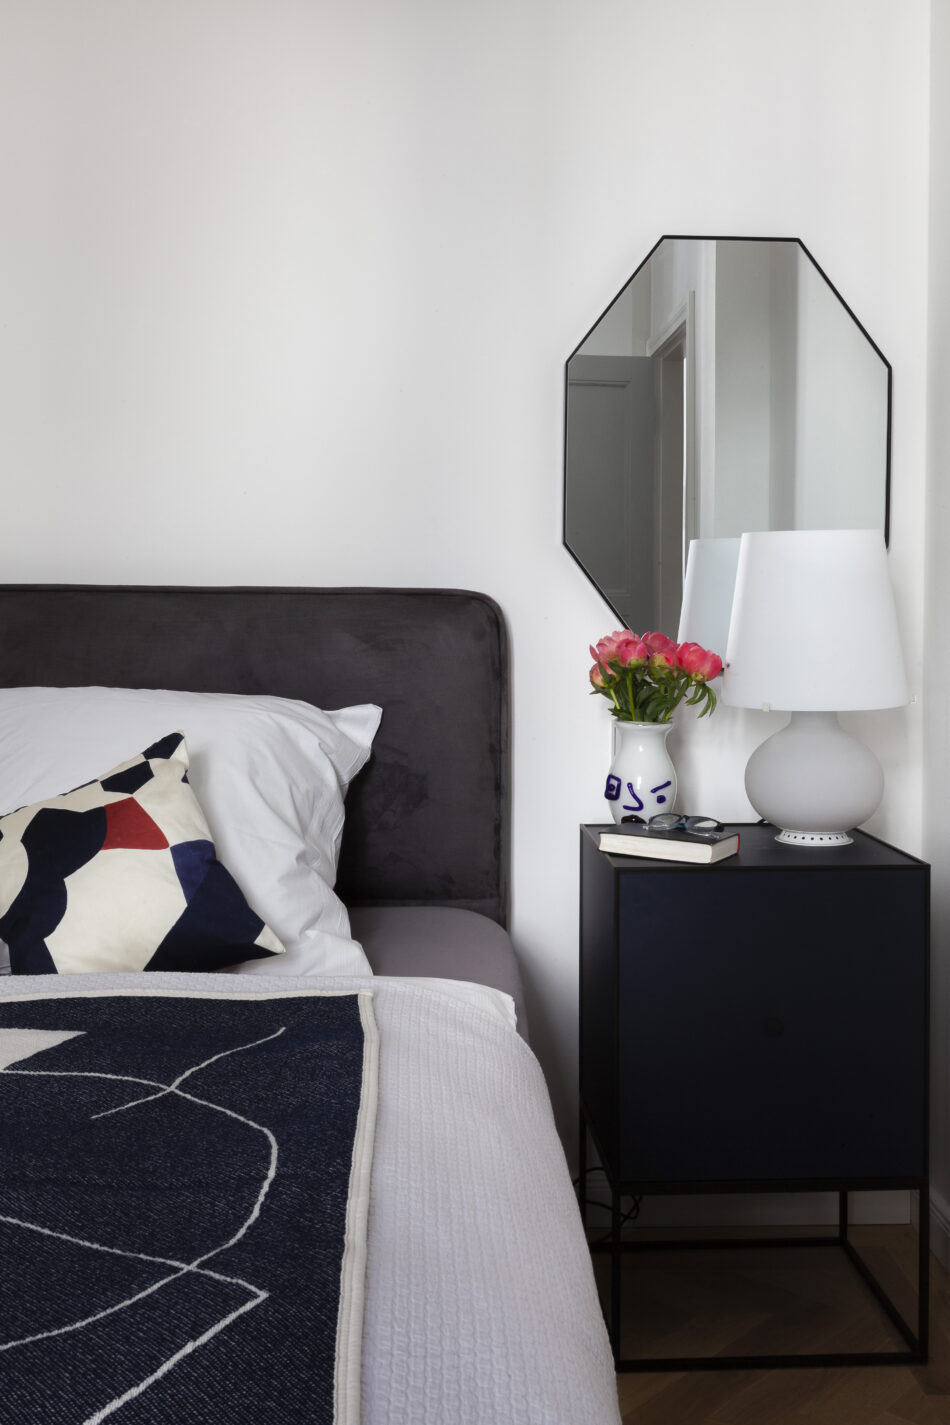 Antonius Schimmelbusch_Apartment_Berlin_Anne-Catherine Scoffoni_privat_23